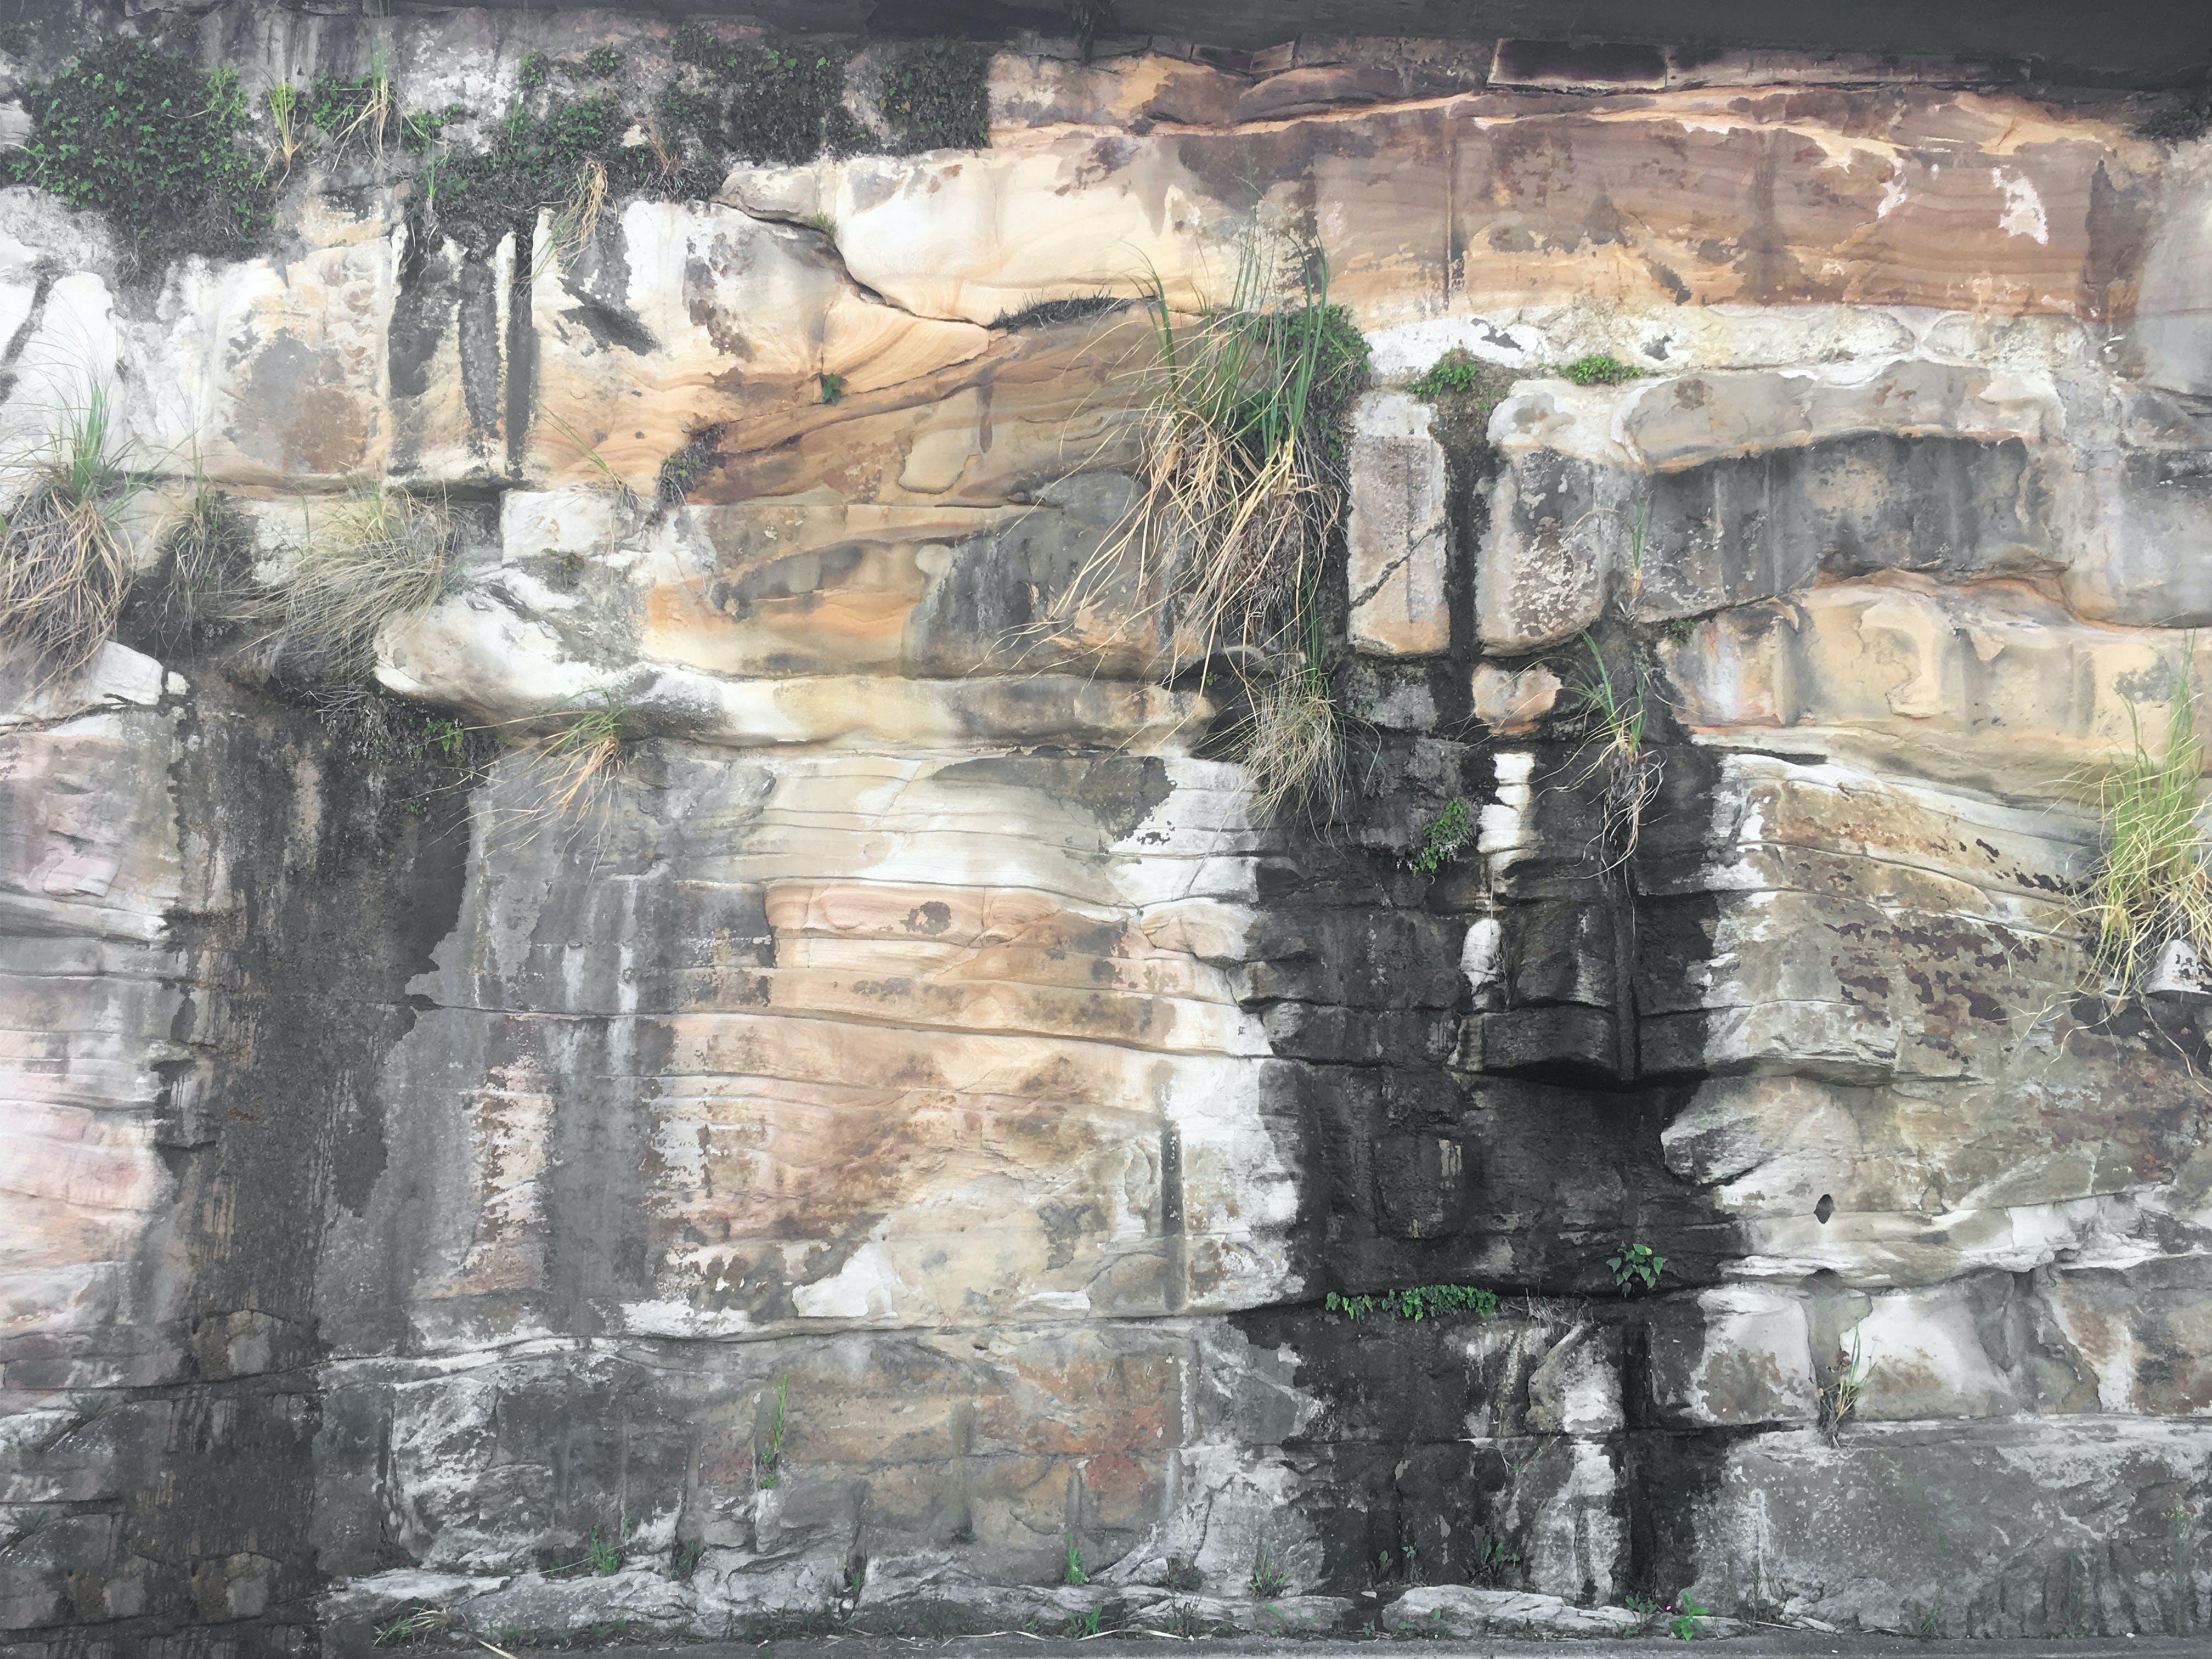 地盤岩, 城市, 城市街道, 岩壁 的 免費圖庫相片